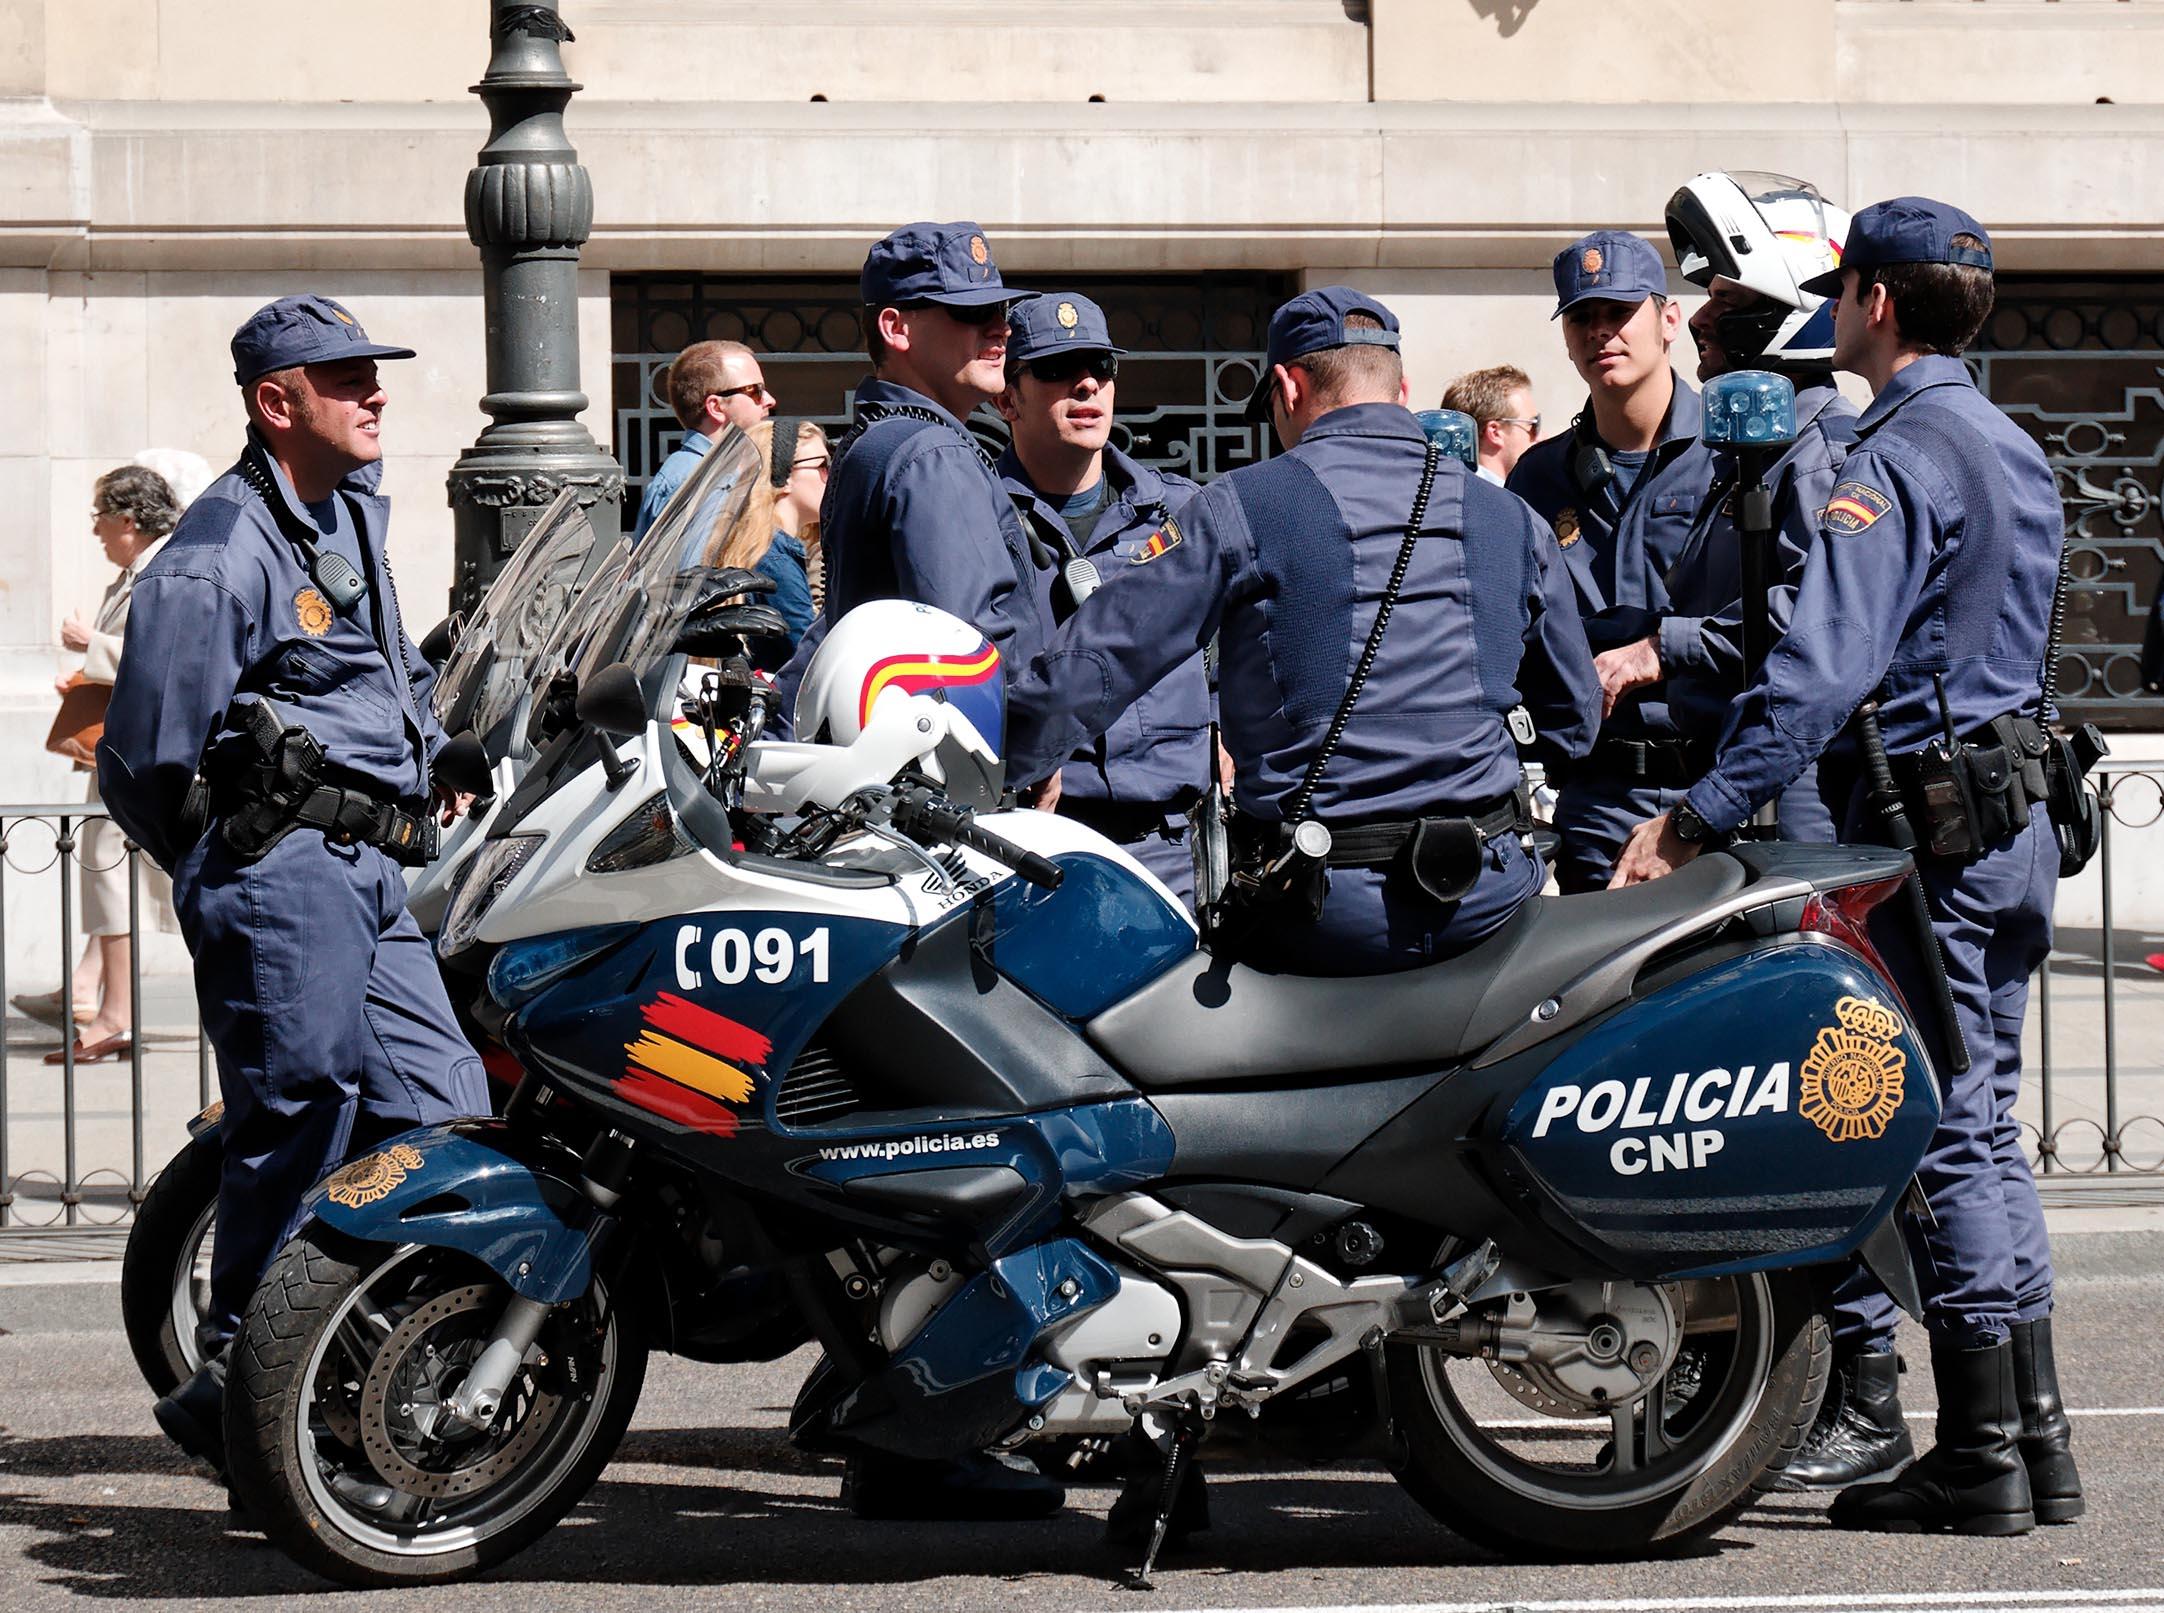 Policía Nacional chiringuito financiero 1 Chiringuito detectado, chiringuito cerrado